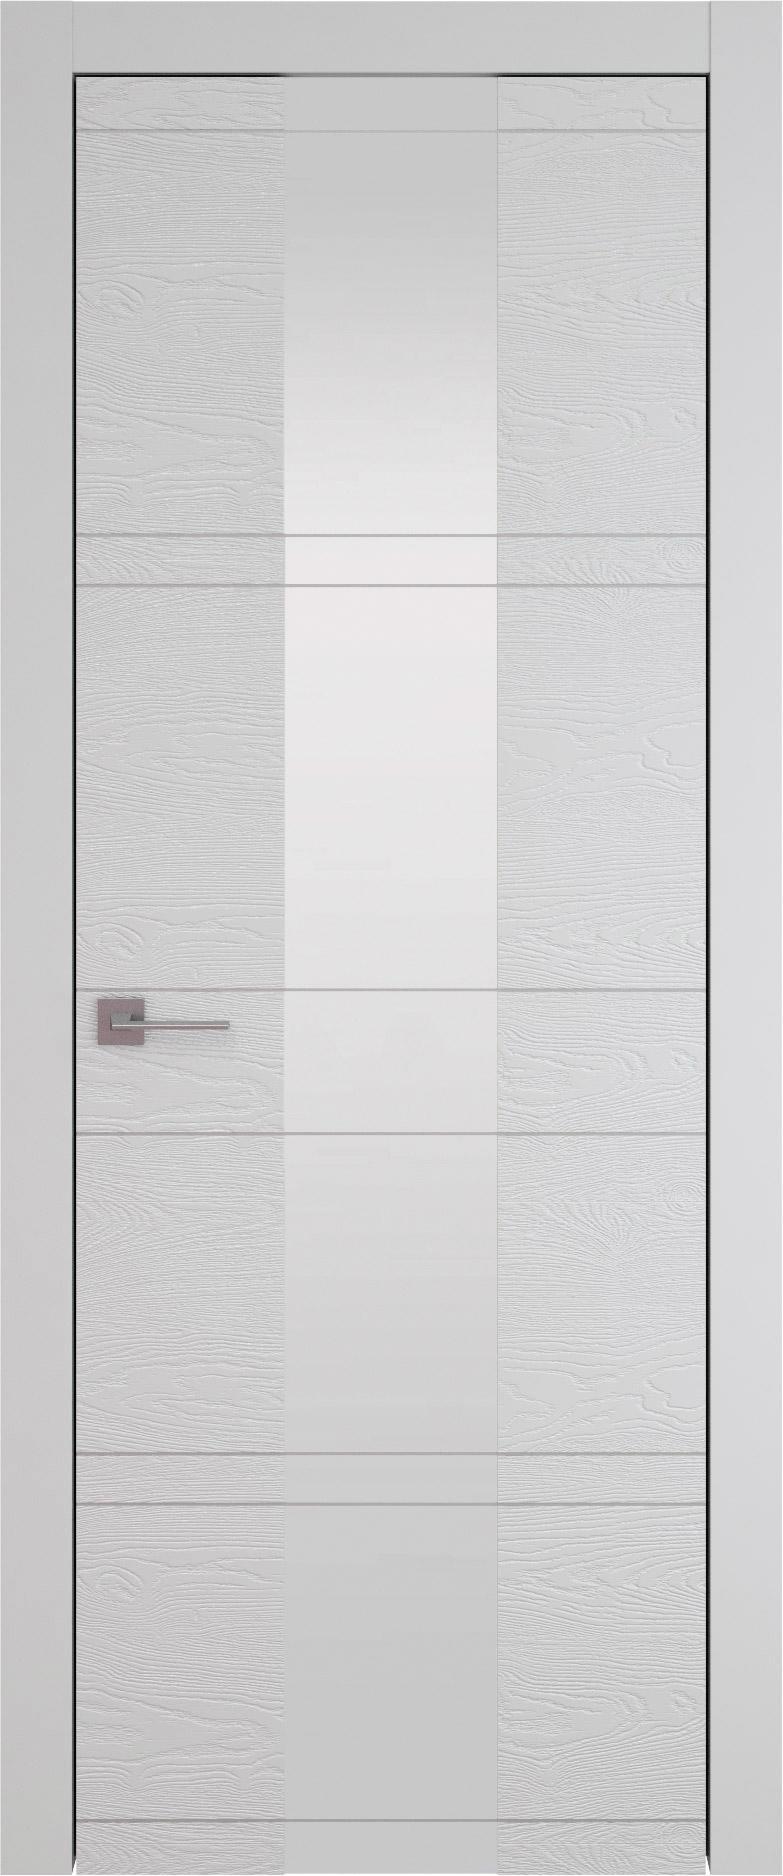 Tivoli Ж-2 цвет - Серая эмаль по шпону (RAL 7047) Со стеклом (ДО)